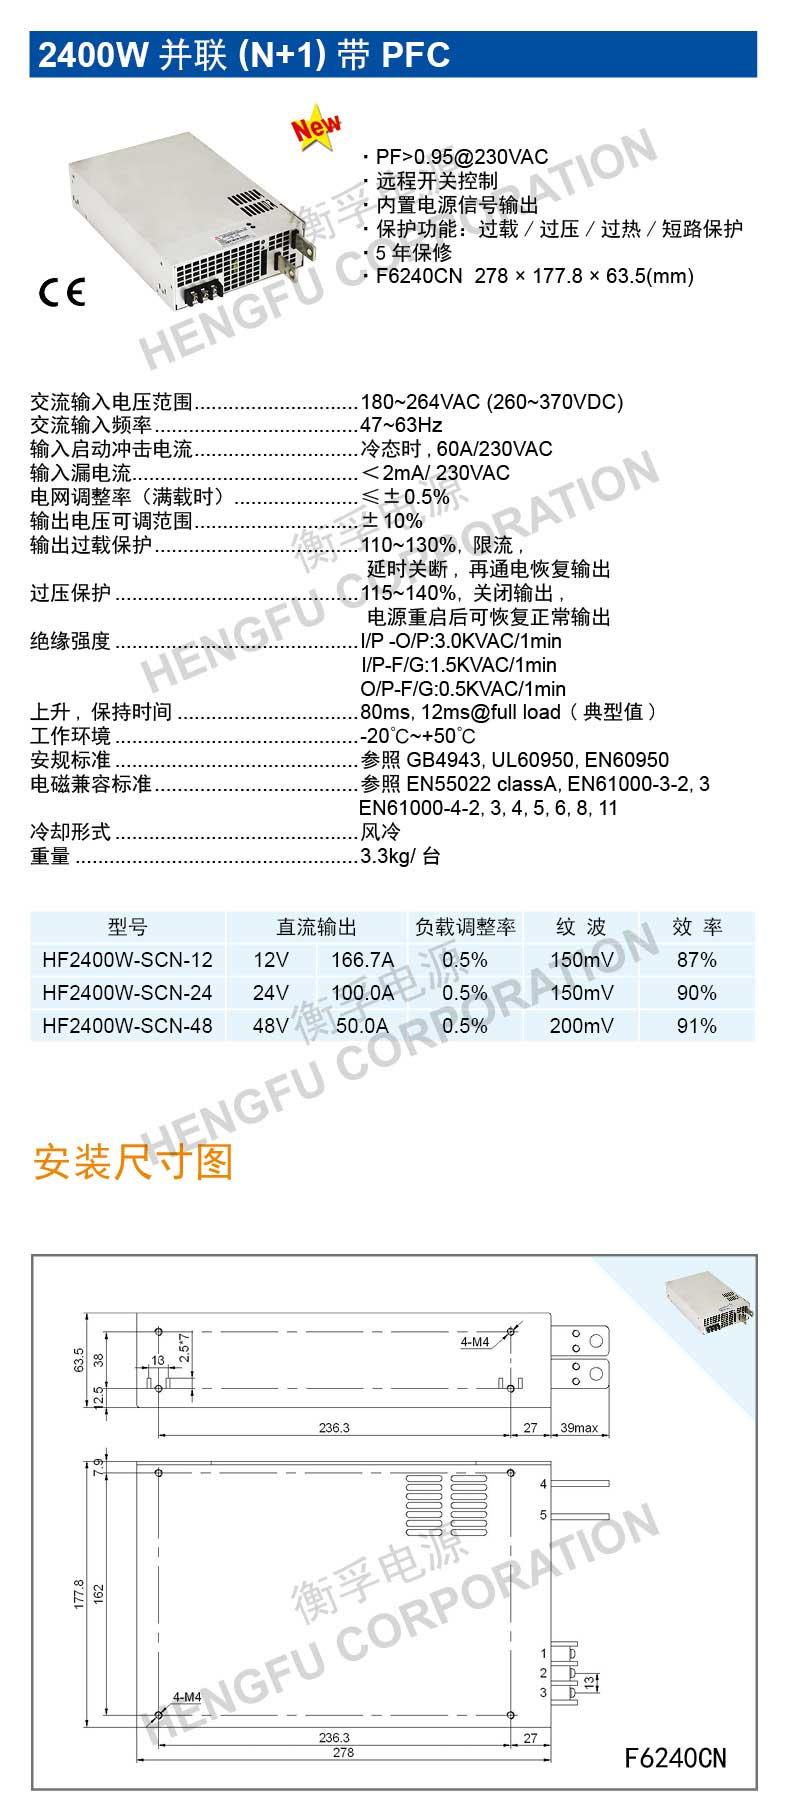 HF2400W-SCN2.jpg